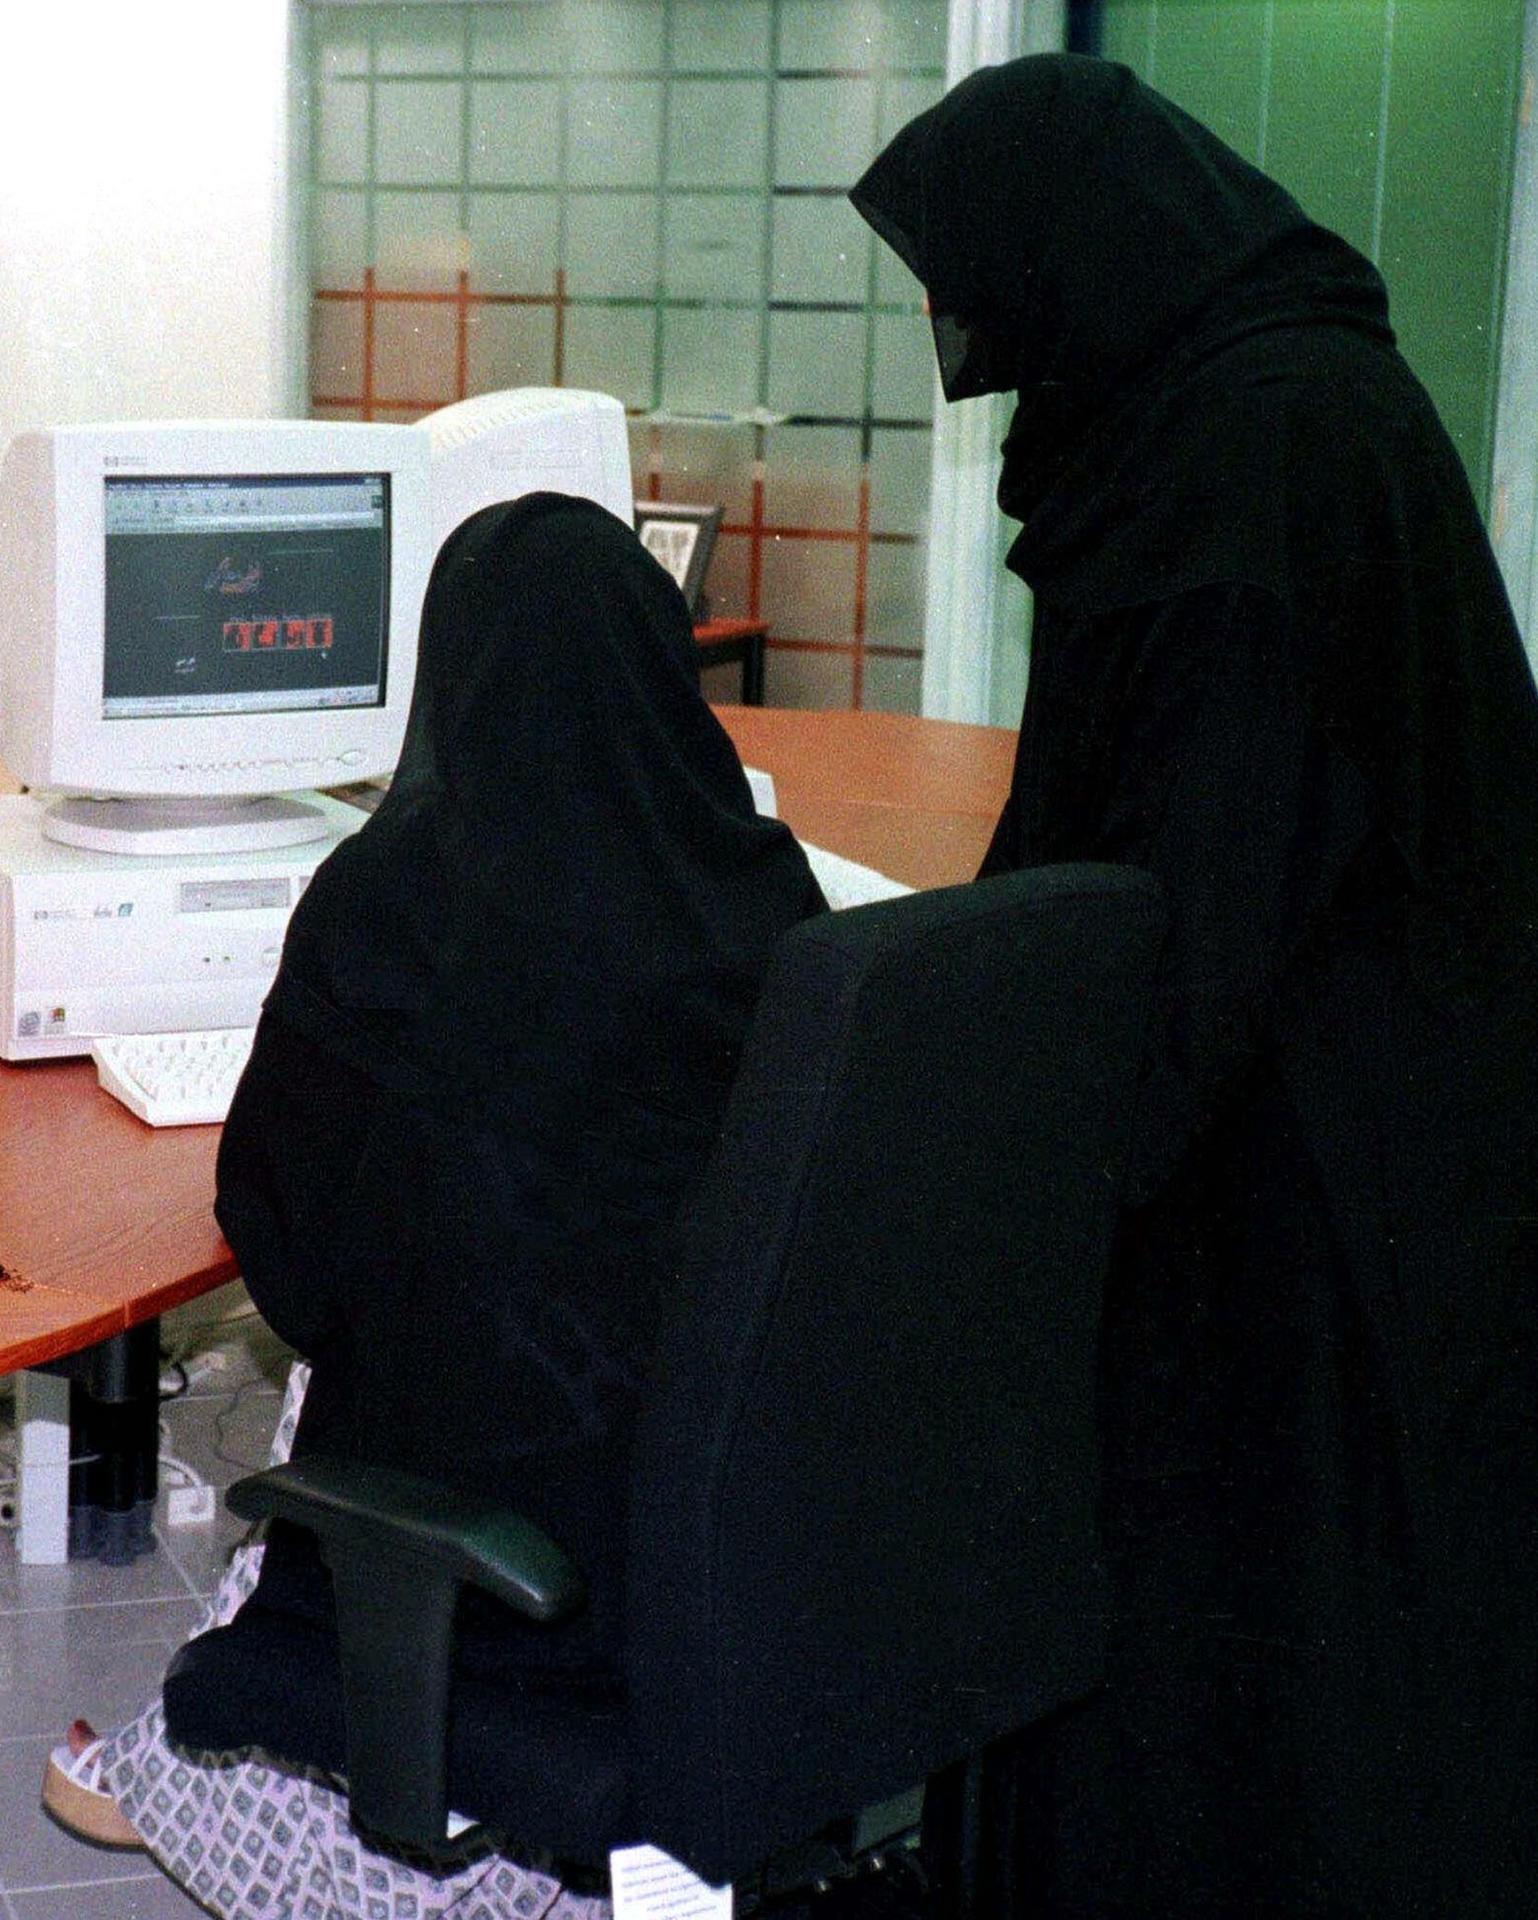 Frauen haben in Saudi-Arabien kaum Chancen auf dem Arbeitsmarkt. Quelle: AP